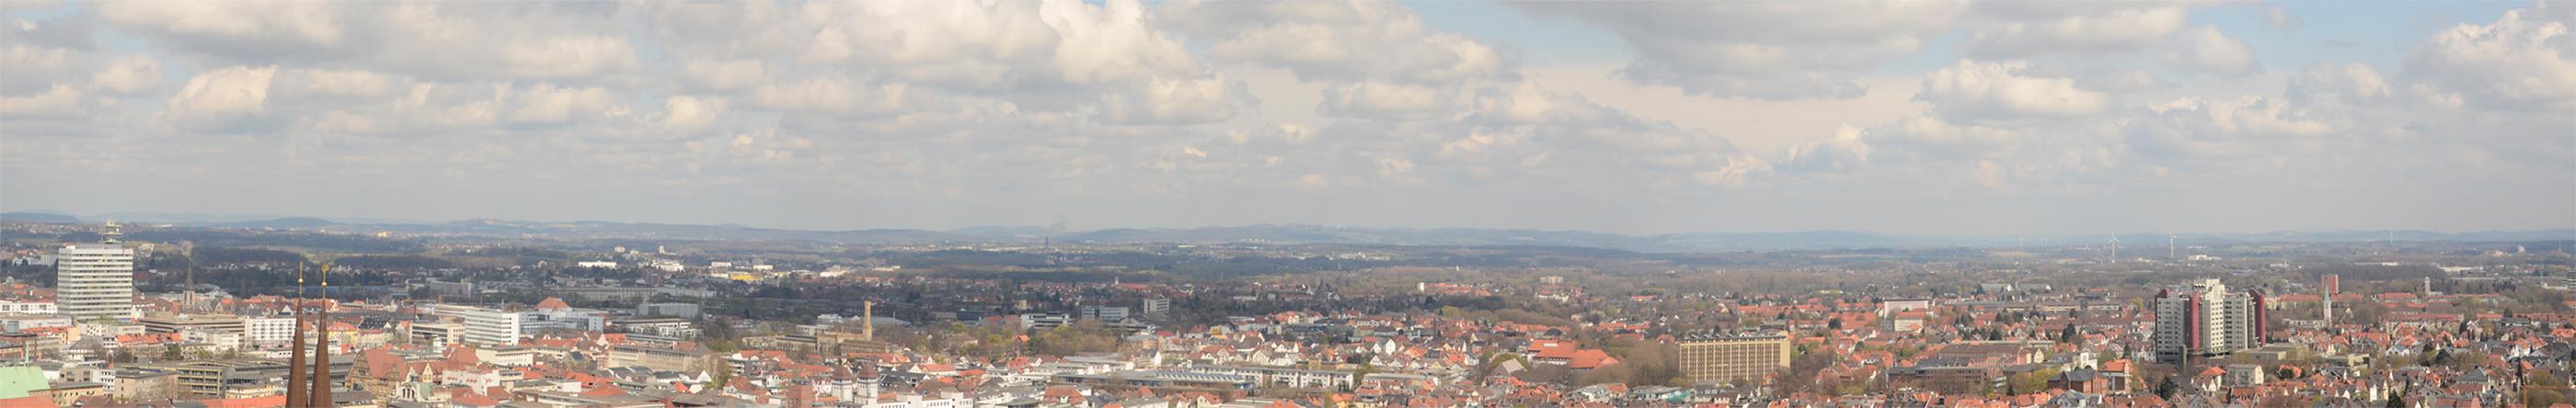 Bielefeld - gibt es nicht ?!